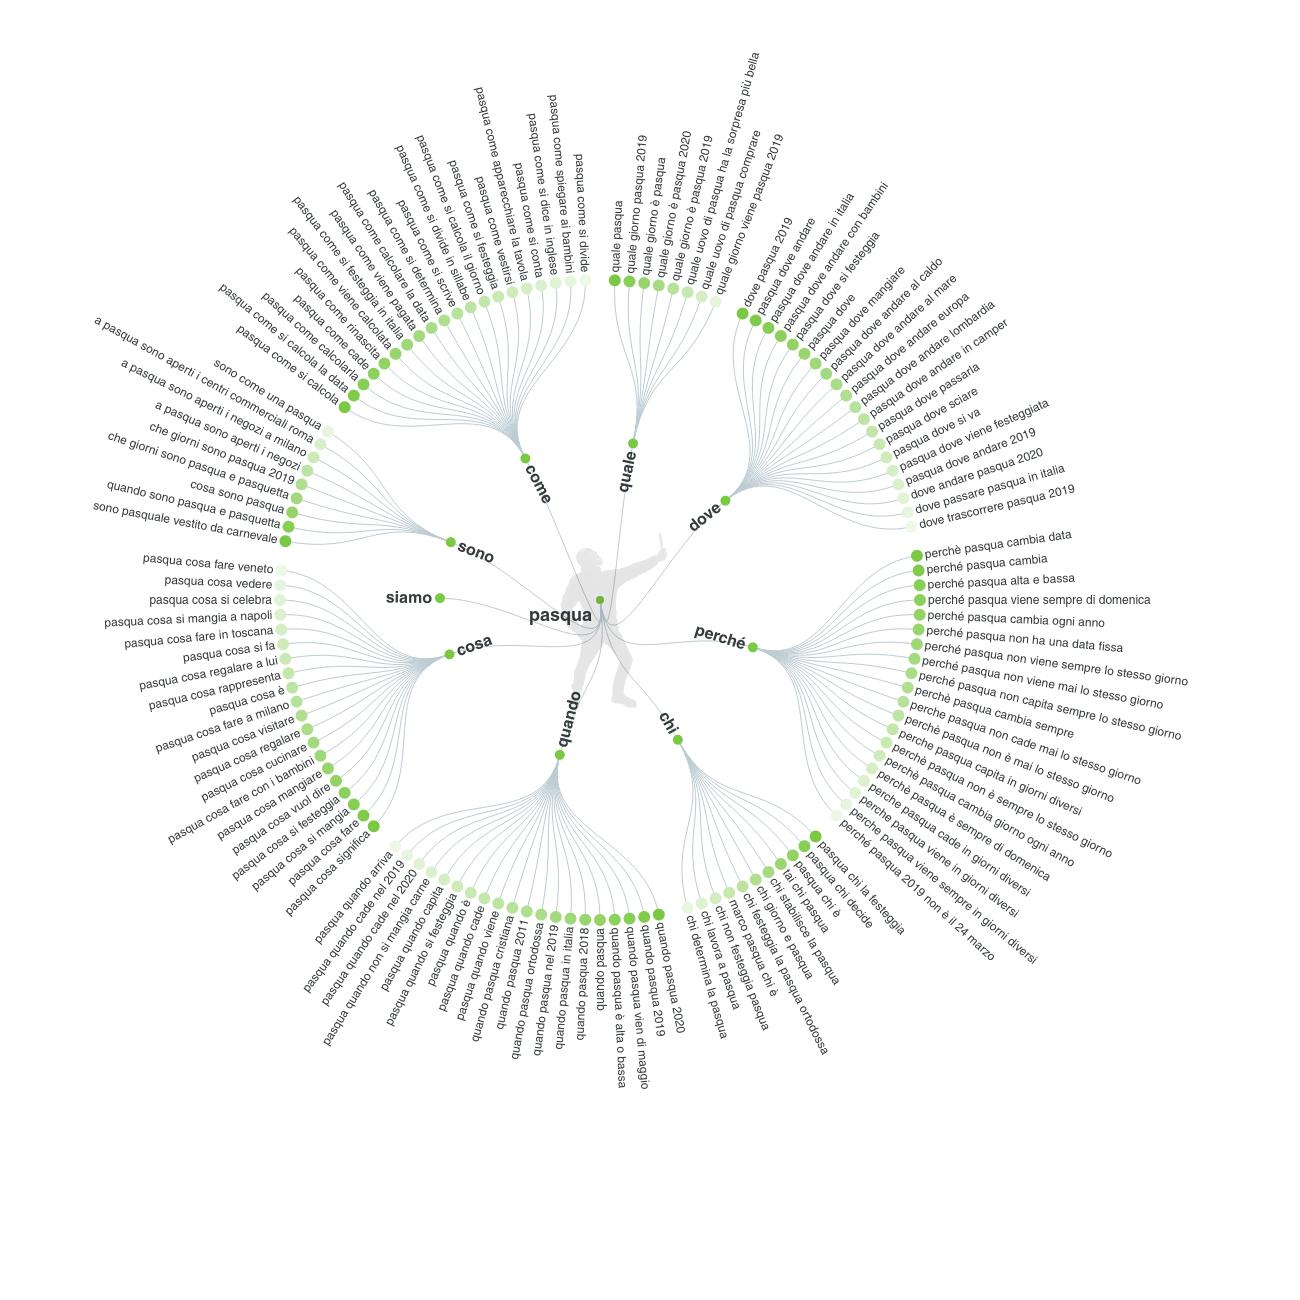 esempio di keyword list ottenuta con lo strumento answer the public